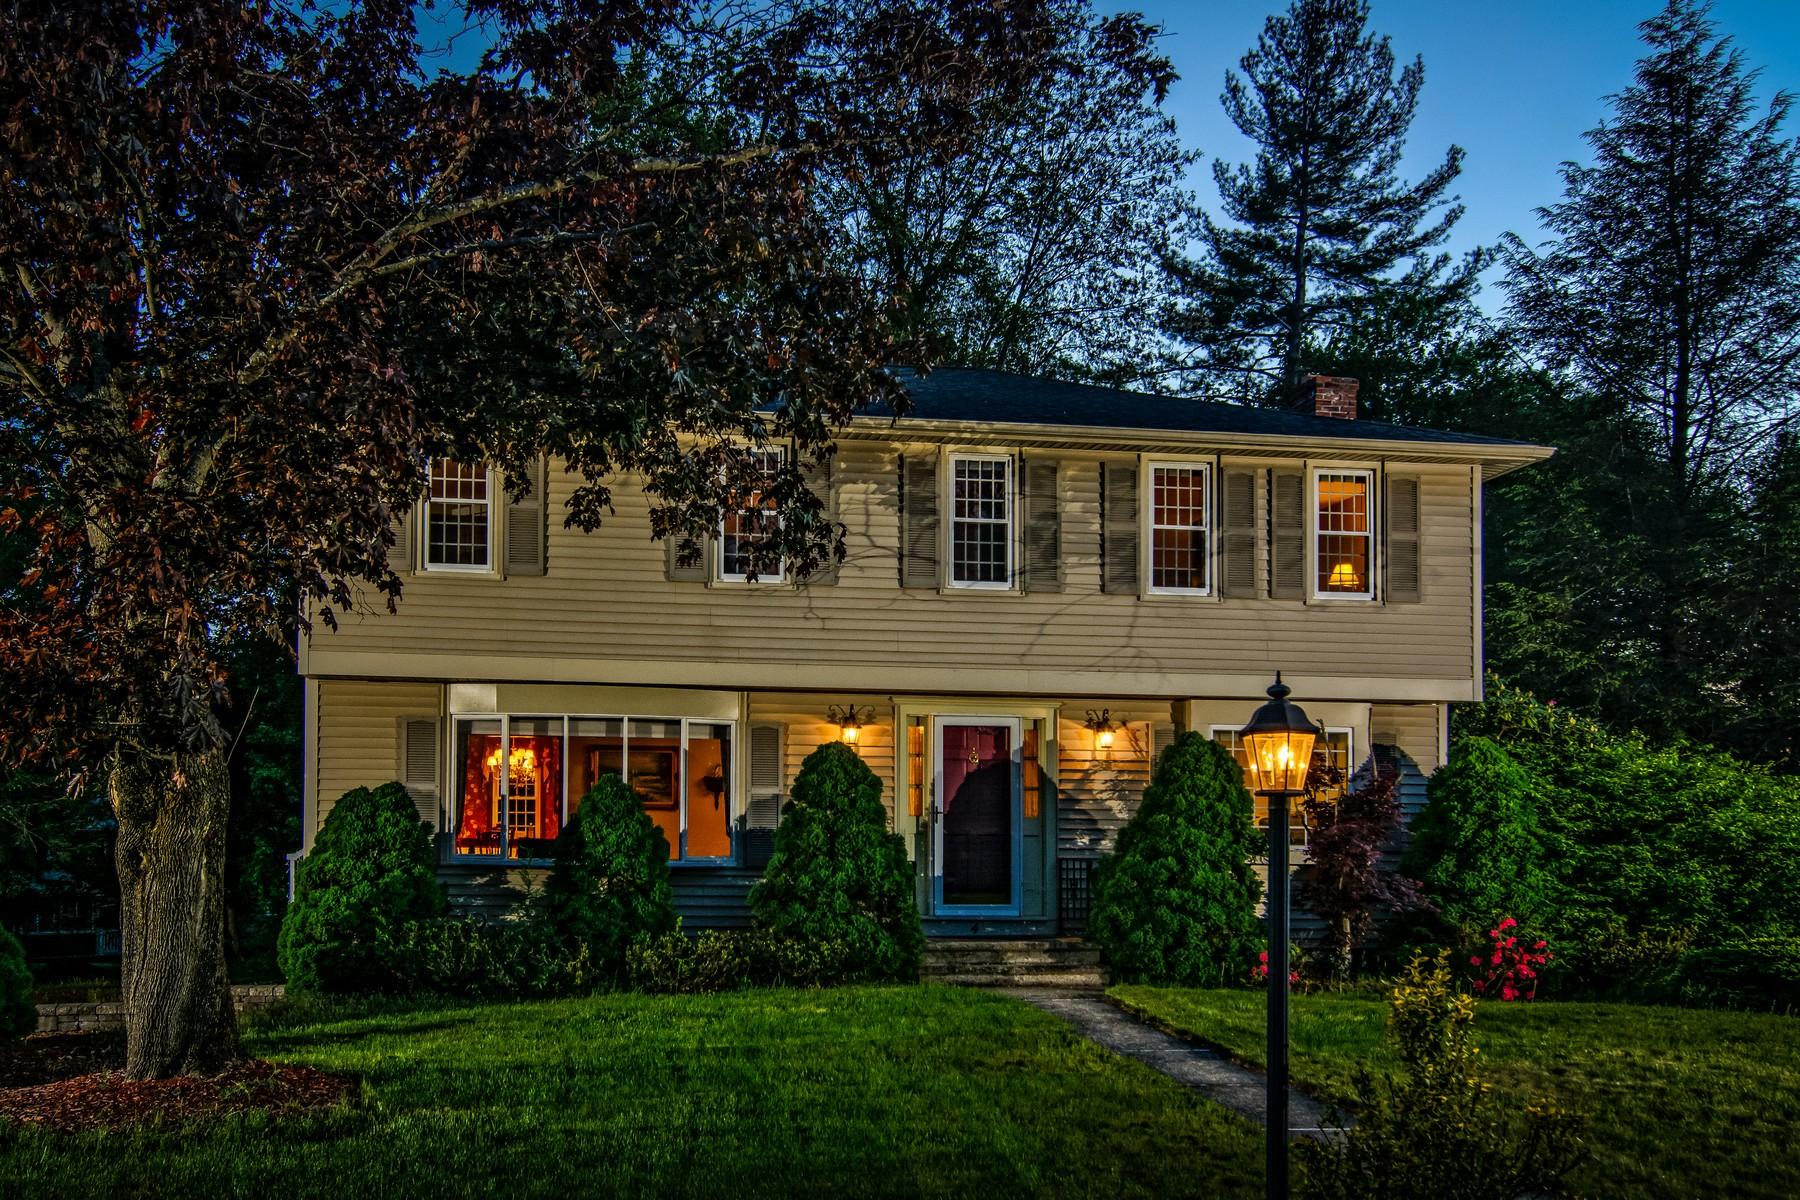 Einfamilienhaus für Verkauf beim Garrison Colonial With Hip Roof Architecture 4 Uhlman Drive Westborough, Massachusetts, 01581 Vereinigte Staaten